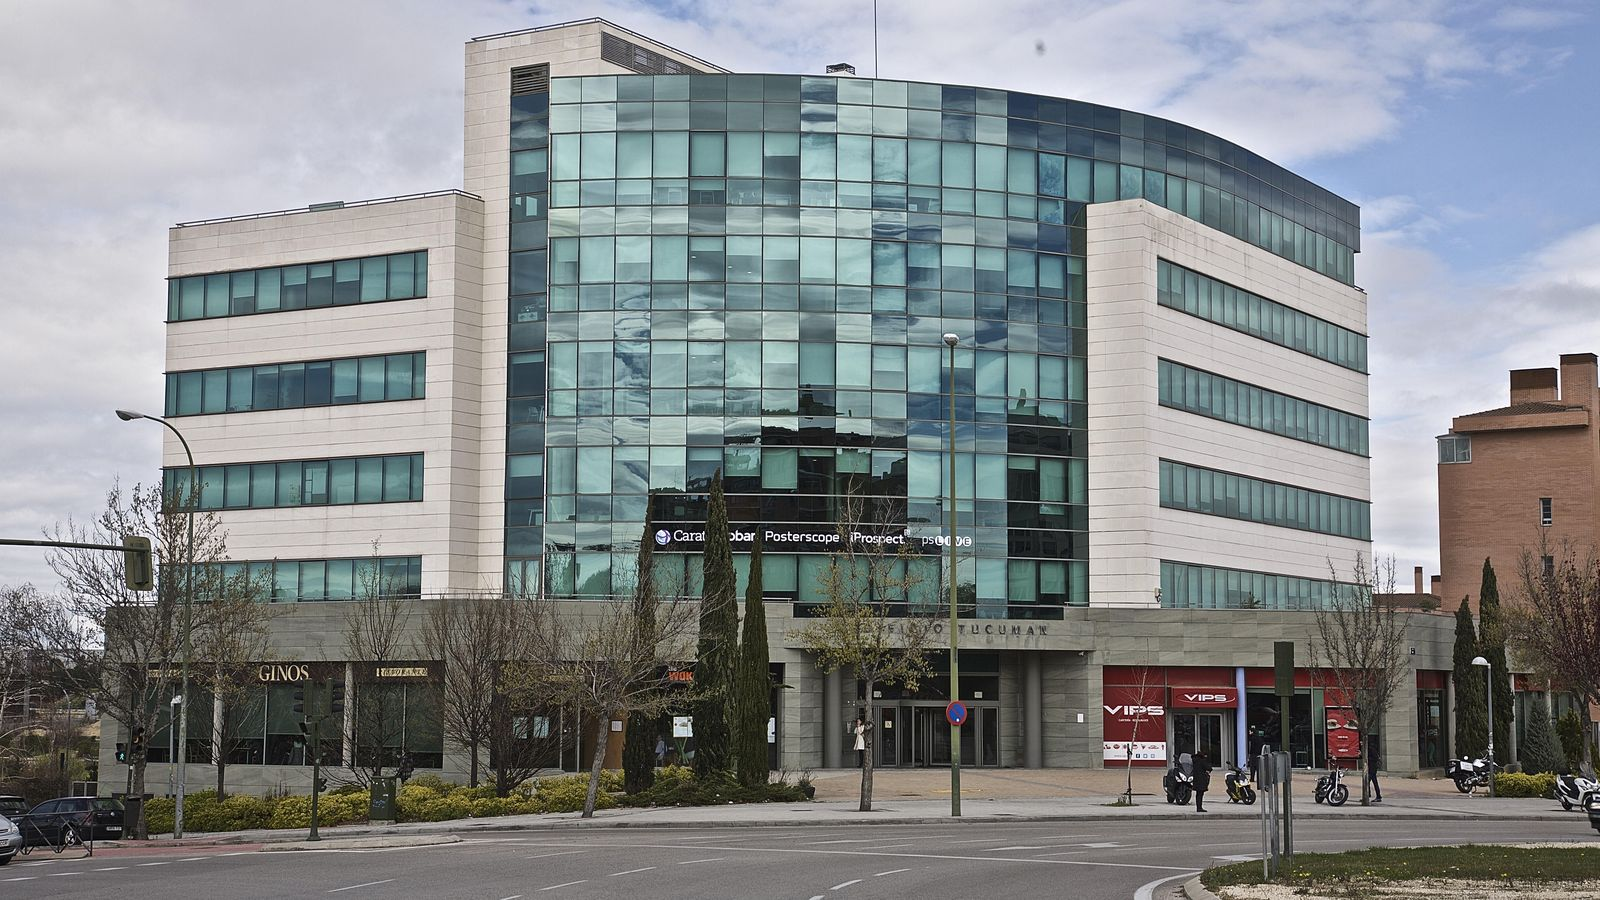 Axia real estate compra dos edificios de oficinas en madrid por 40 5 millones - Edificio de oficinas ...